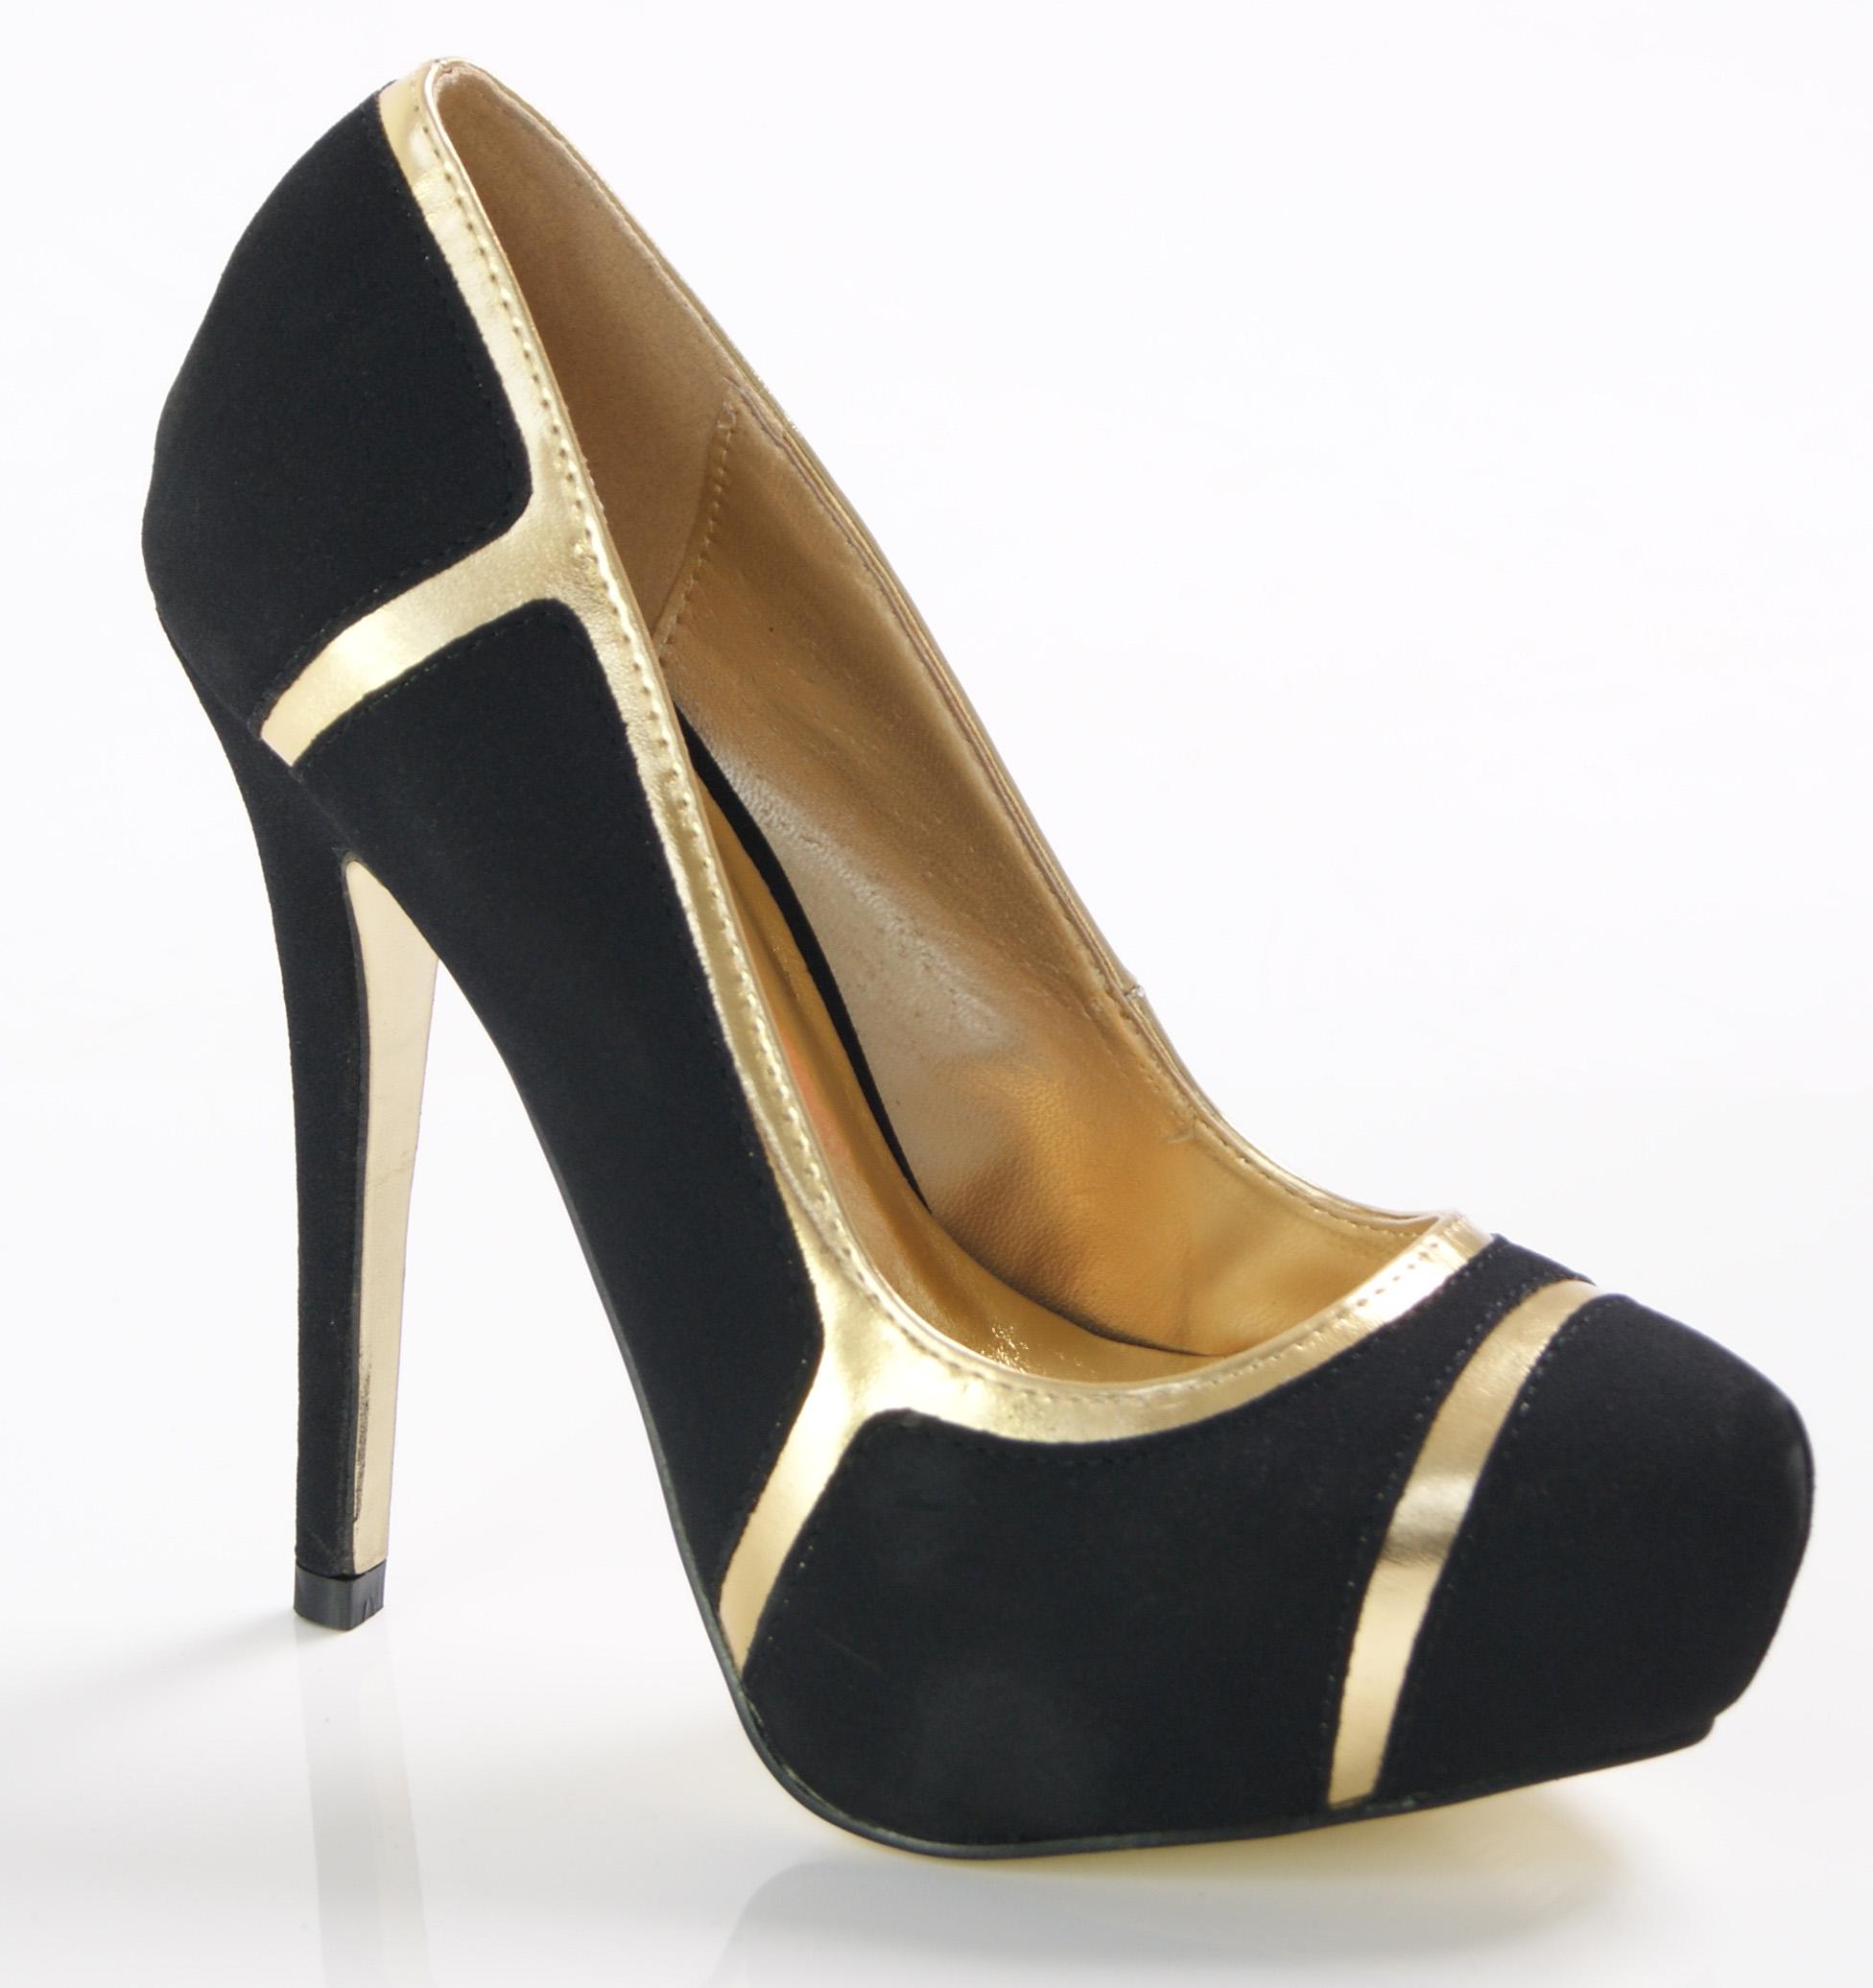 womens platform high heel court shoes sandals